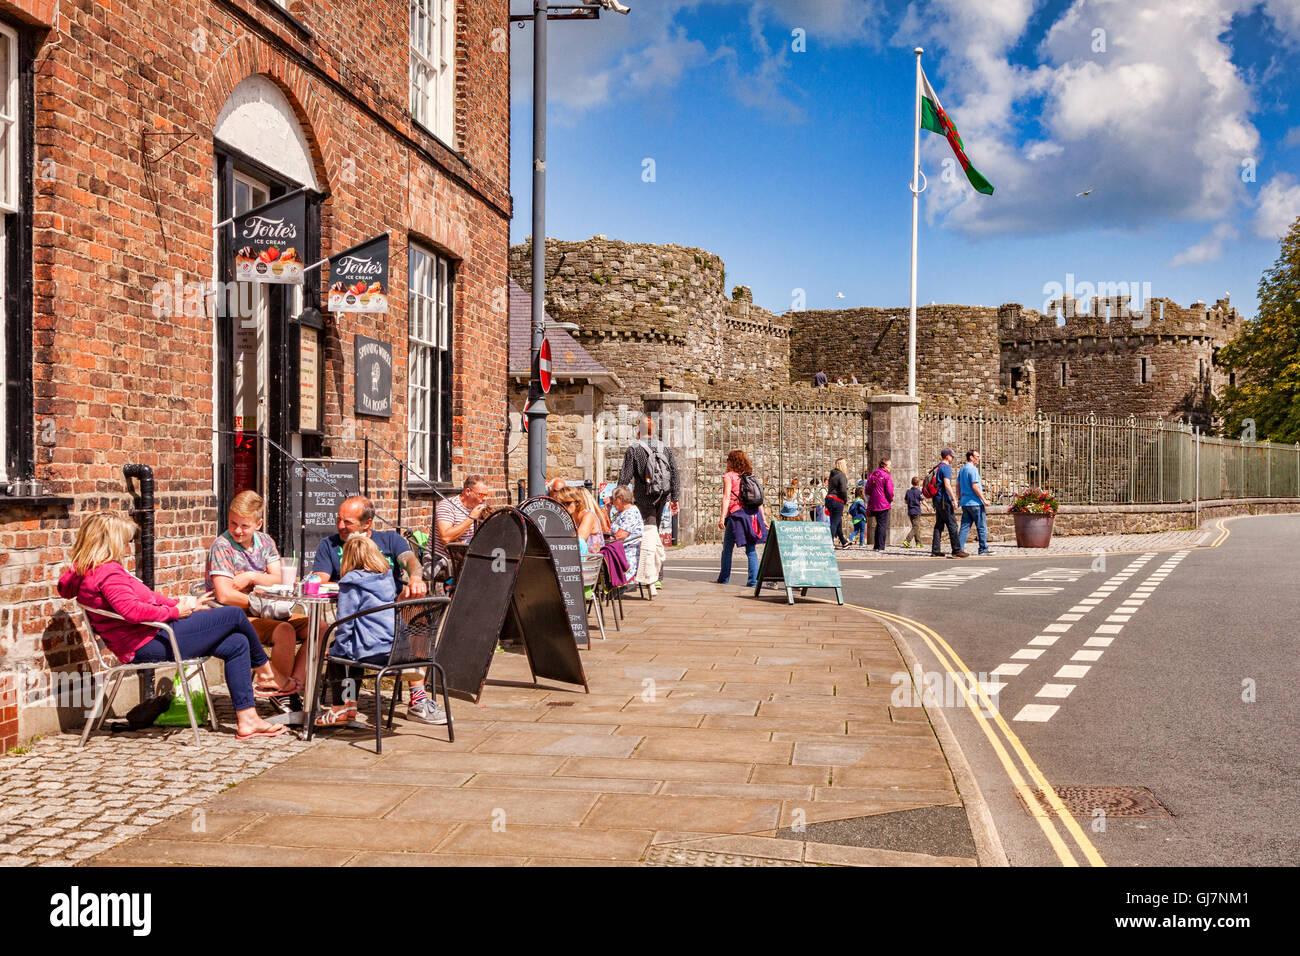 Les vacanciers à la terrasse d'un café à Beaumaris, Anglesey, Pays de Galles, Royaume-Uni, avec Photo Stock